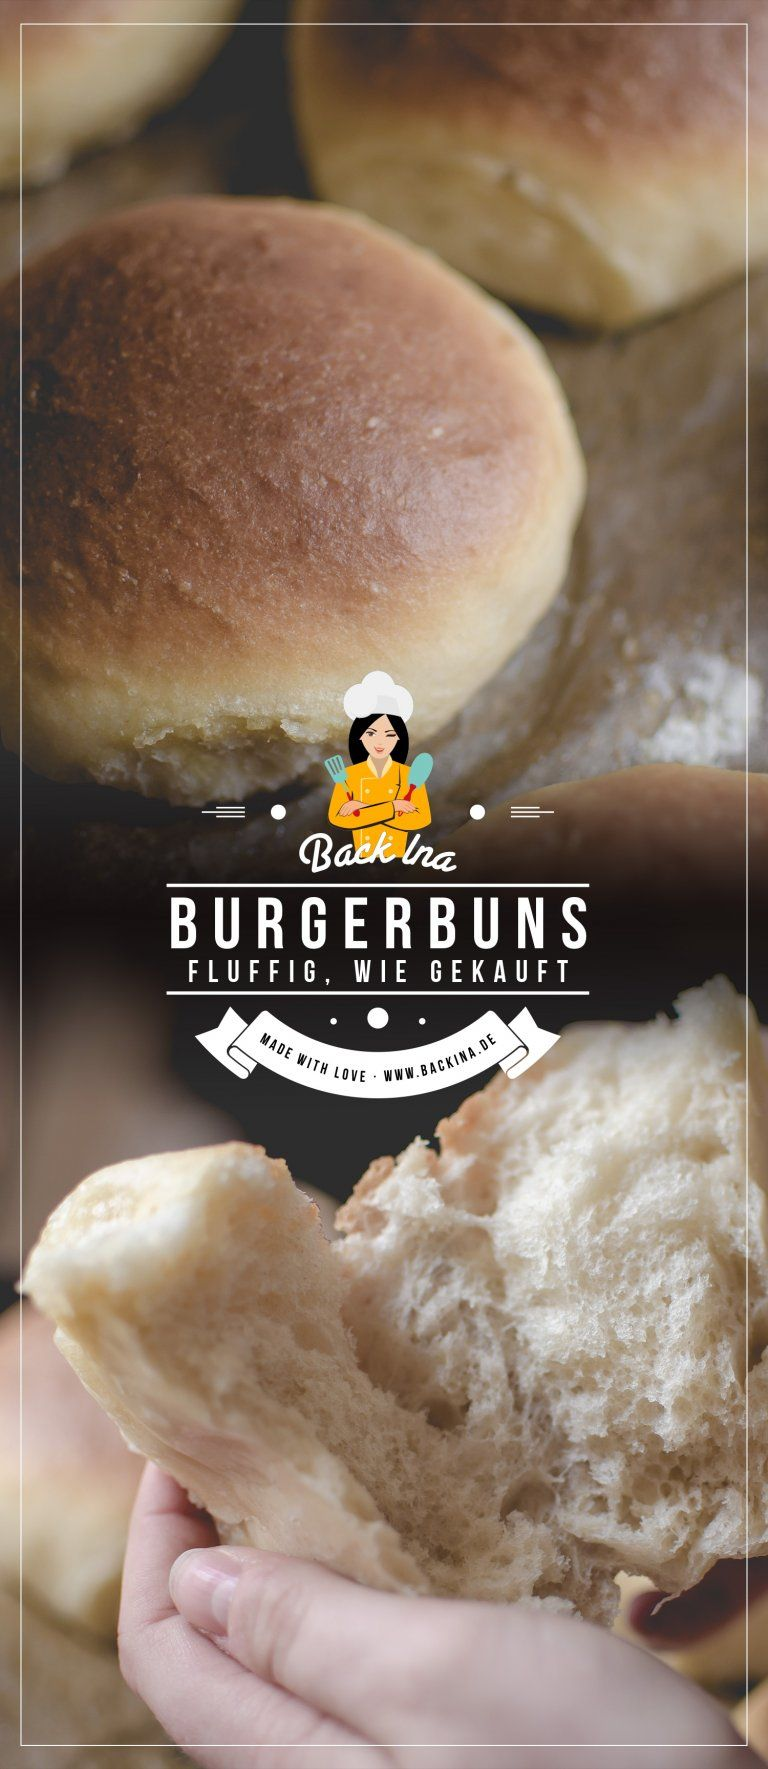 Fluffig weiche American Burger Buns wie gekauft   BackIna.de